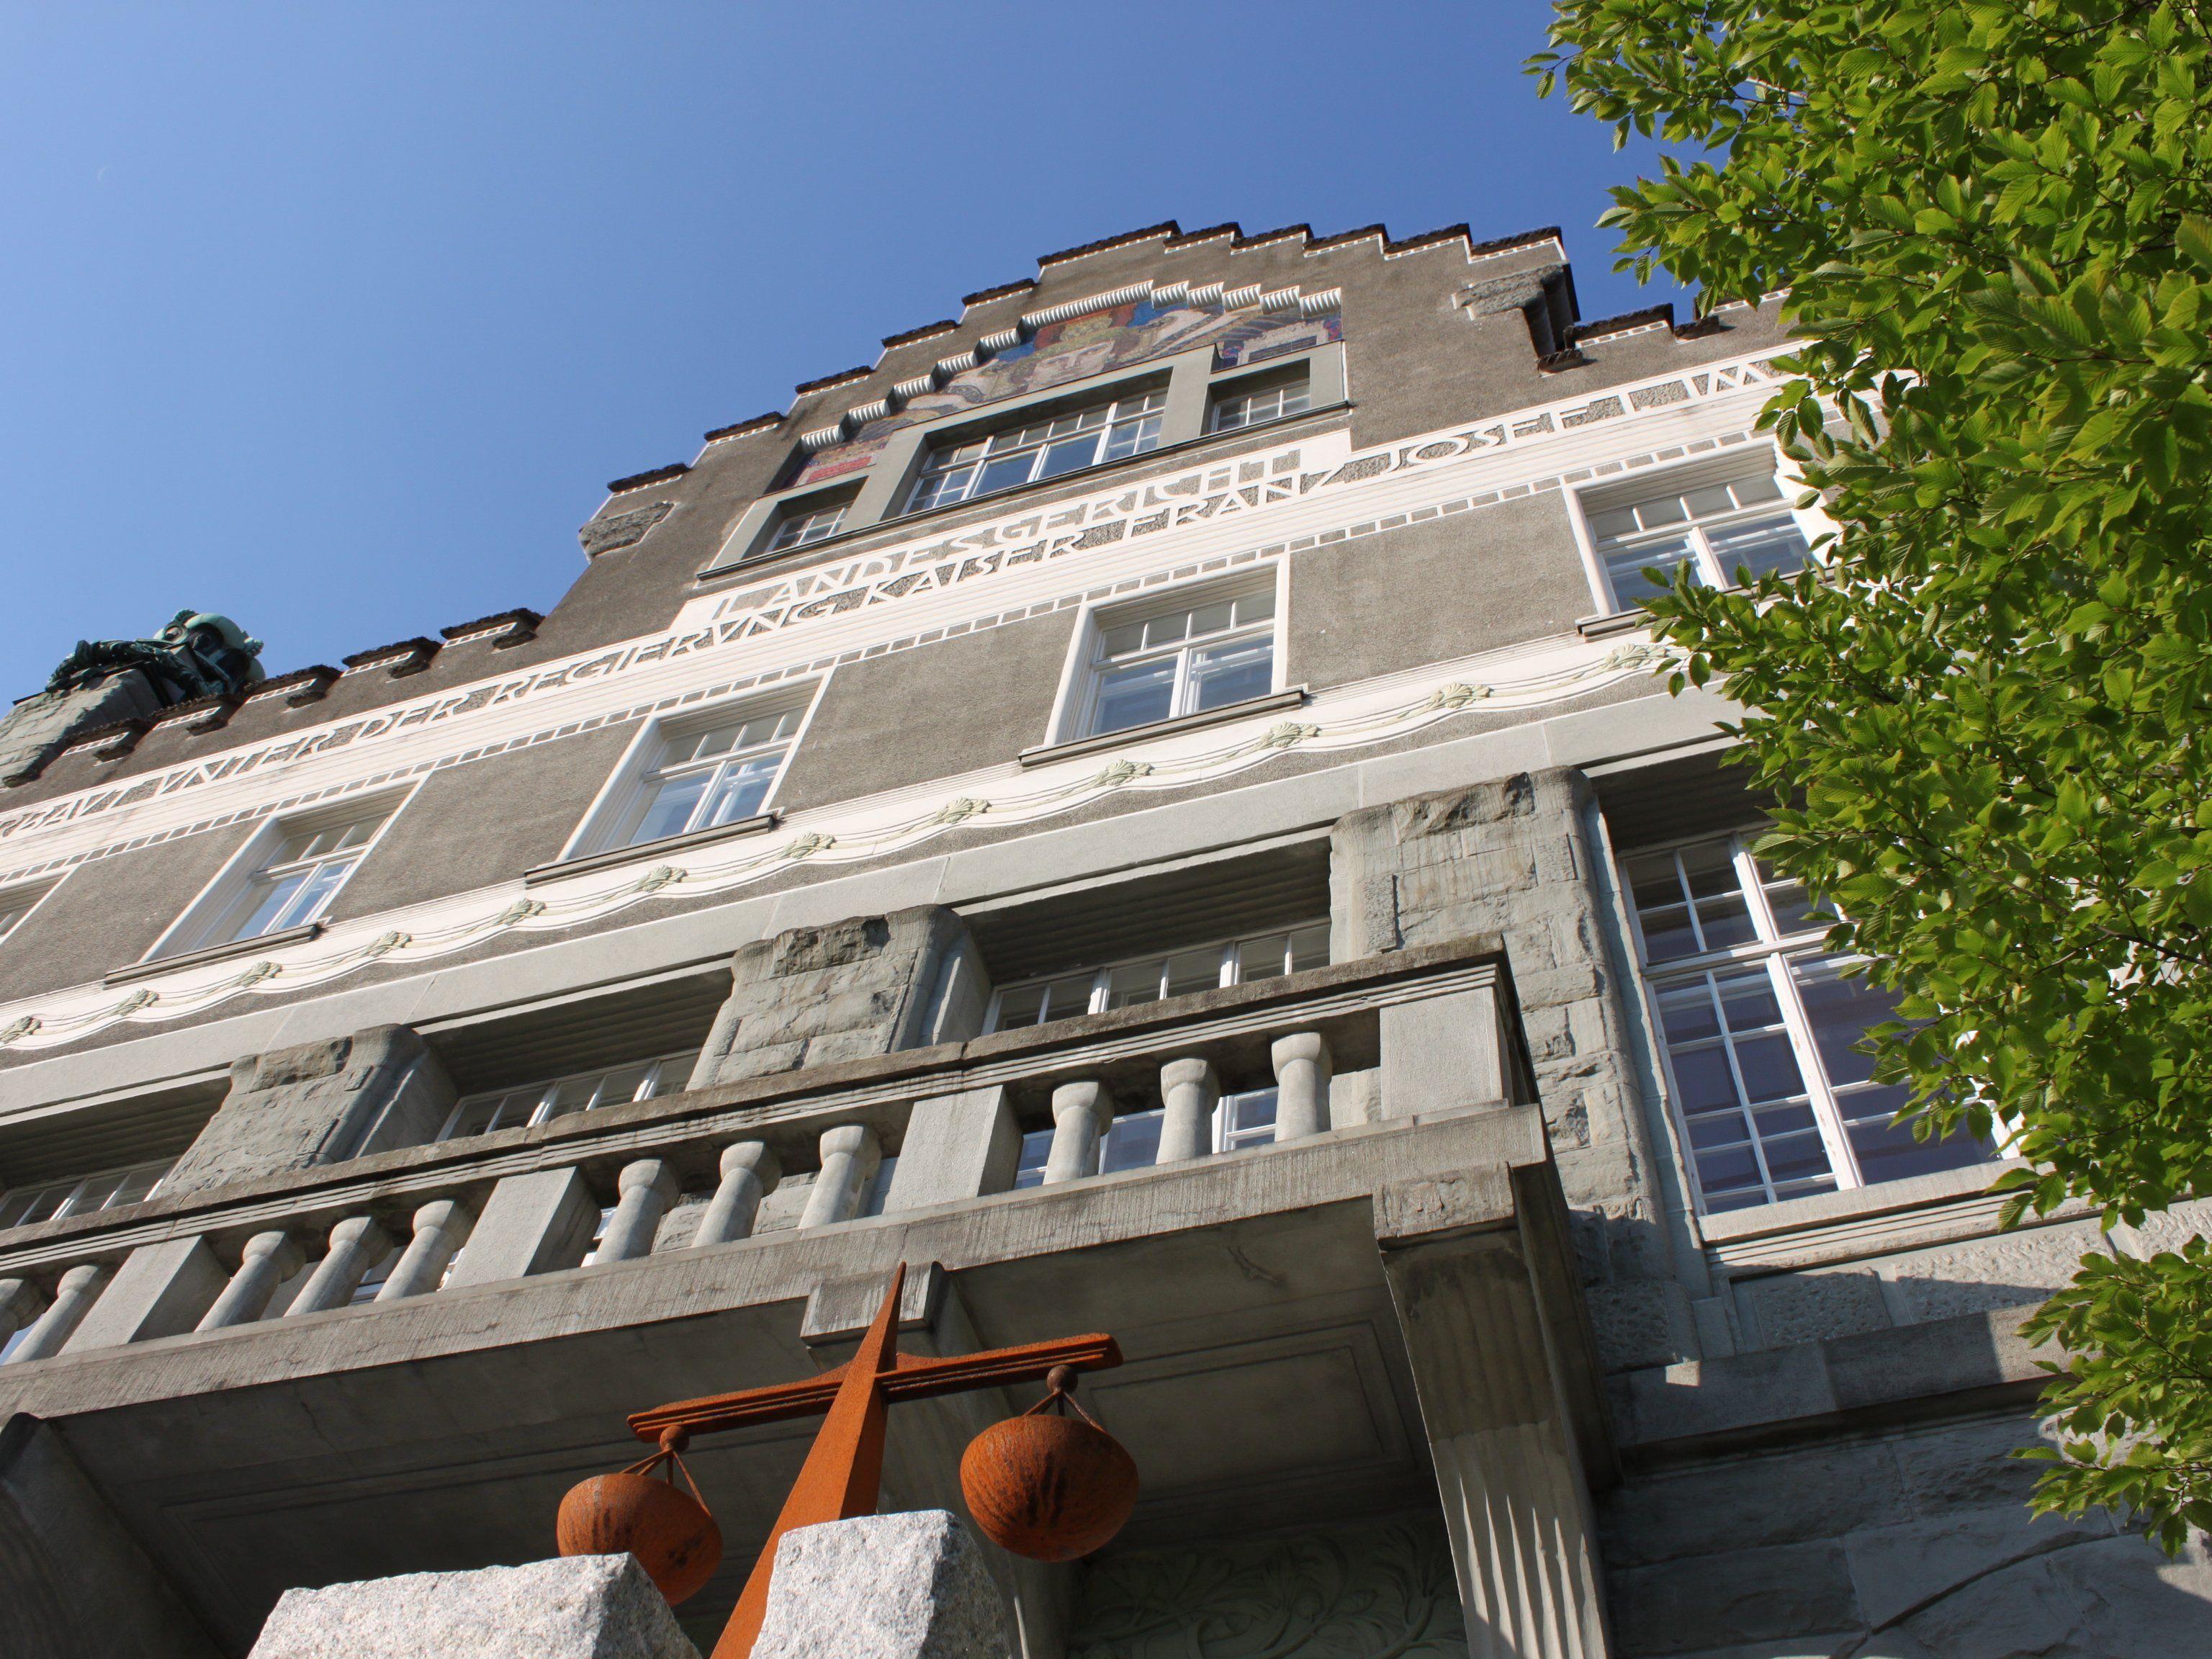 17.000 Euro aus Wettlokal verschwunden - Angestellter unter Verdacht.